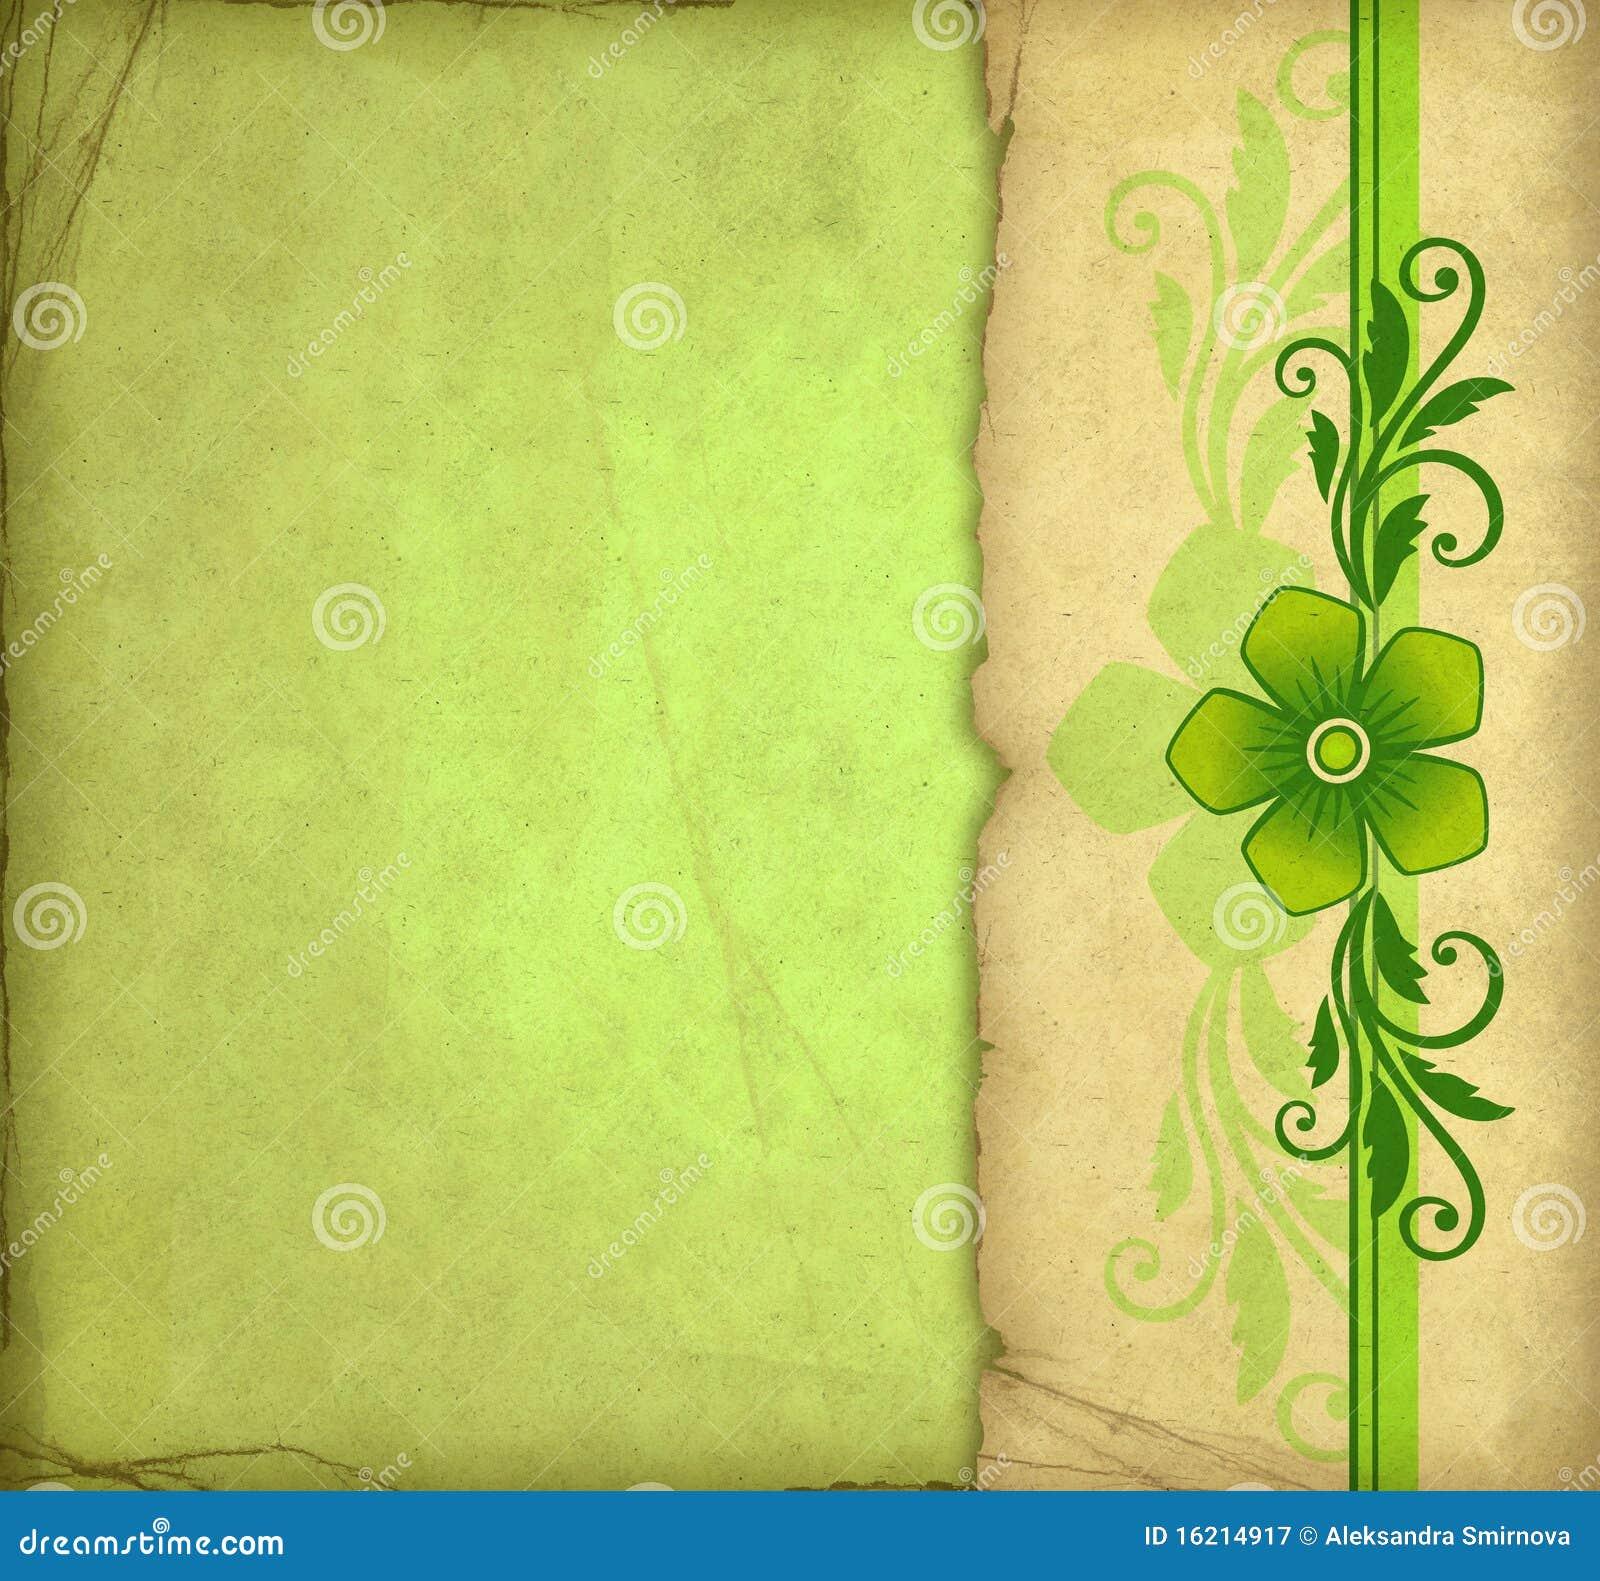 vintage green background stock illustration illustration of manuscript 16214917. Black Bedroom Furniture Sets. Home Design Ideas